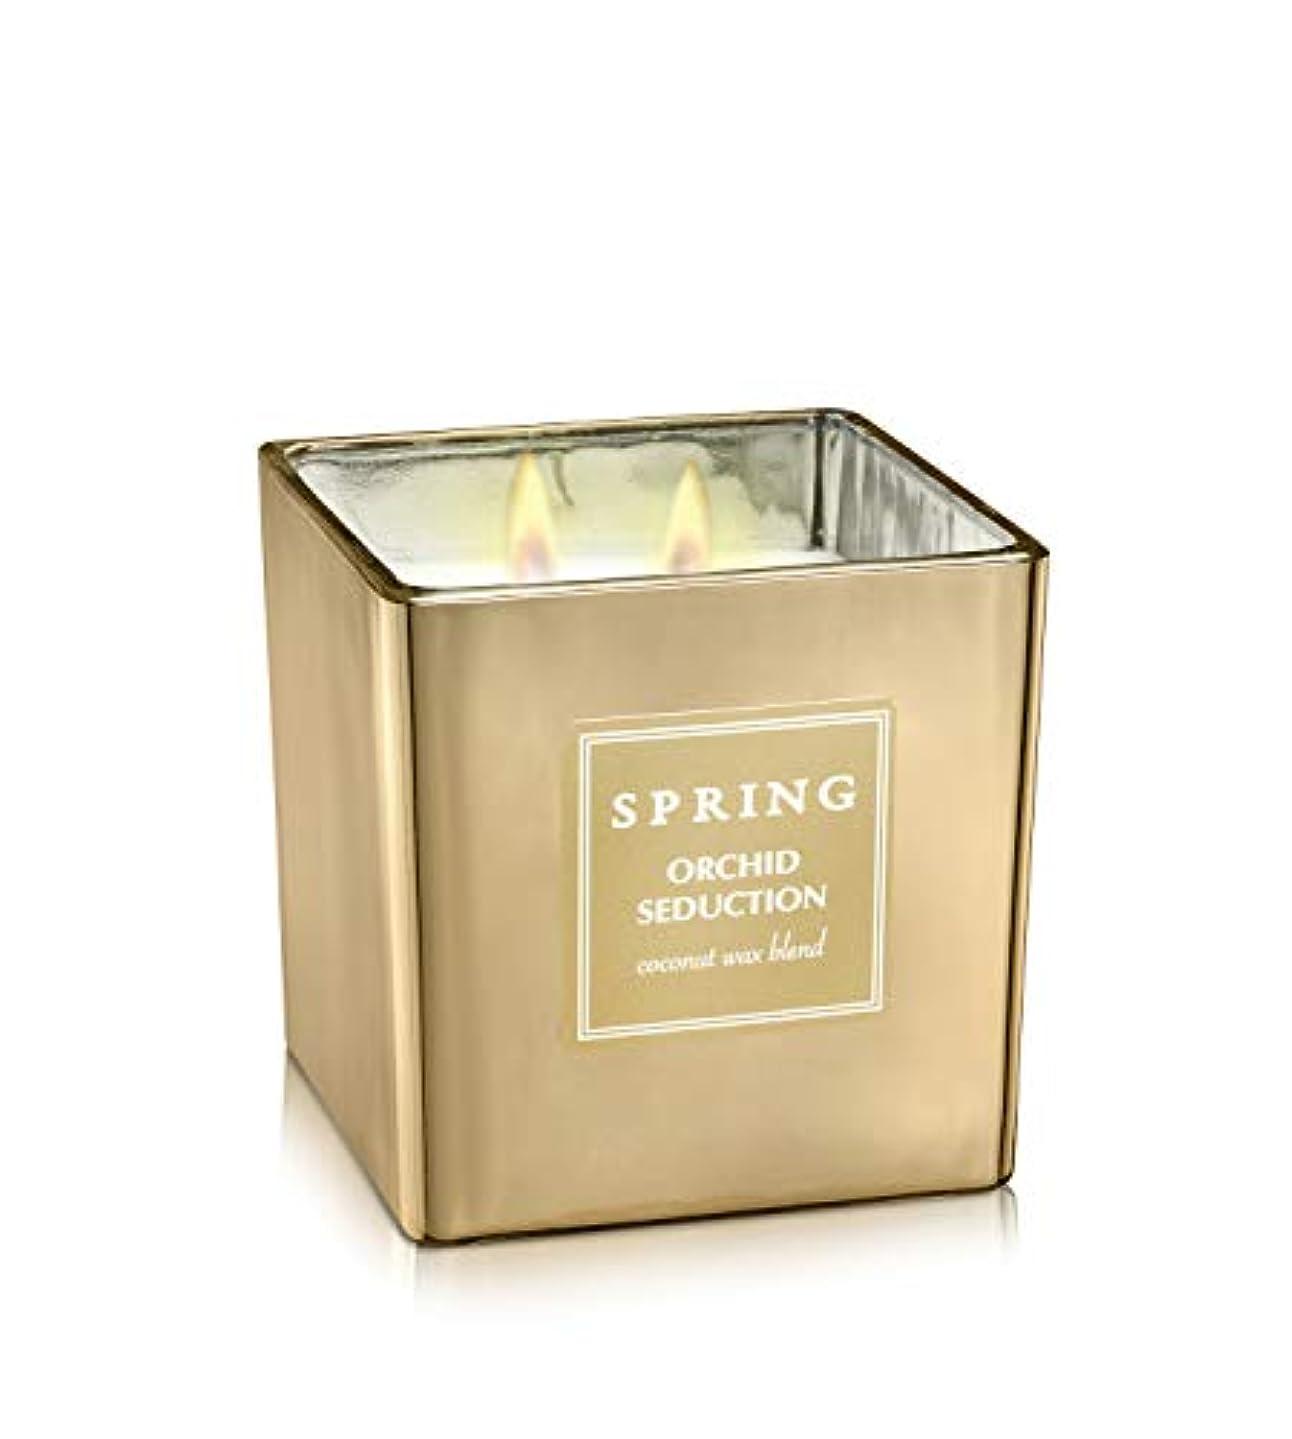 図書館私達玉ねぎばね香りつきラグジュアリーCoconutワックスGolden Candle – Cubic – サイズ8 – アルプスの花ホームデコレーション Cubic 8.5 oz